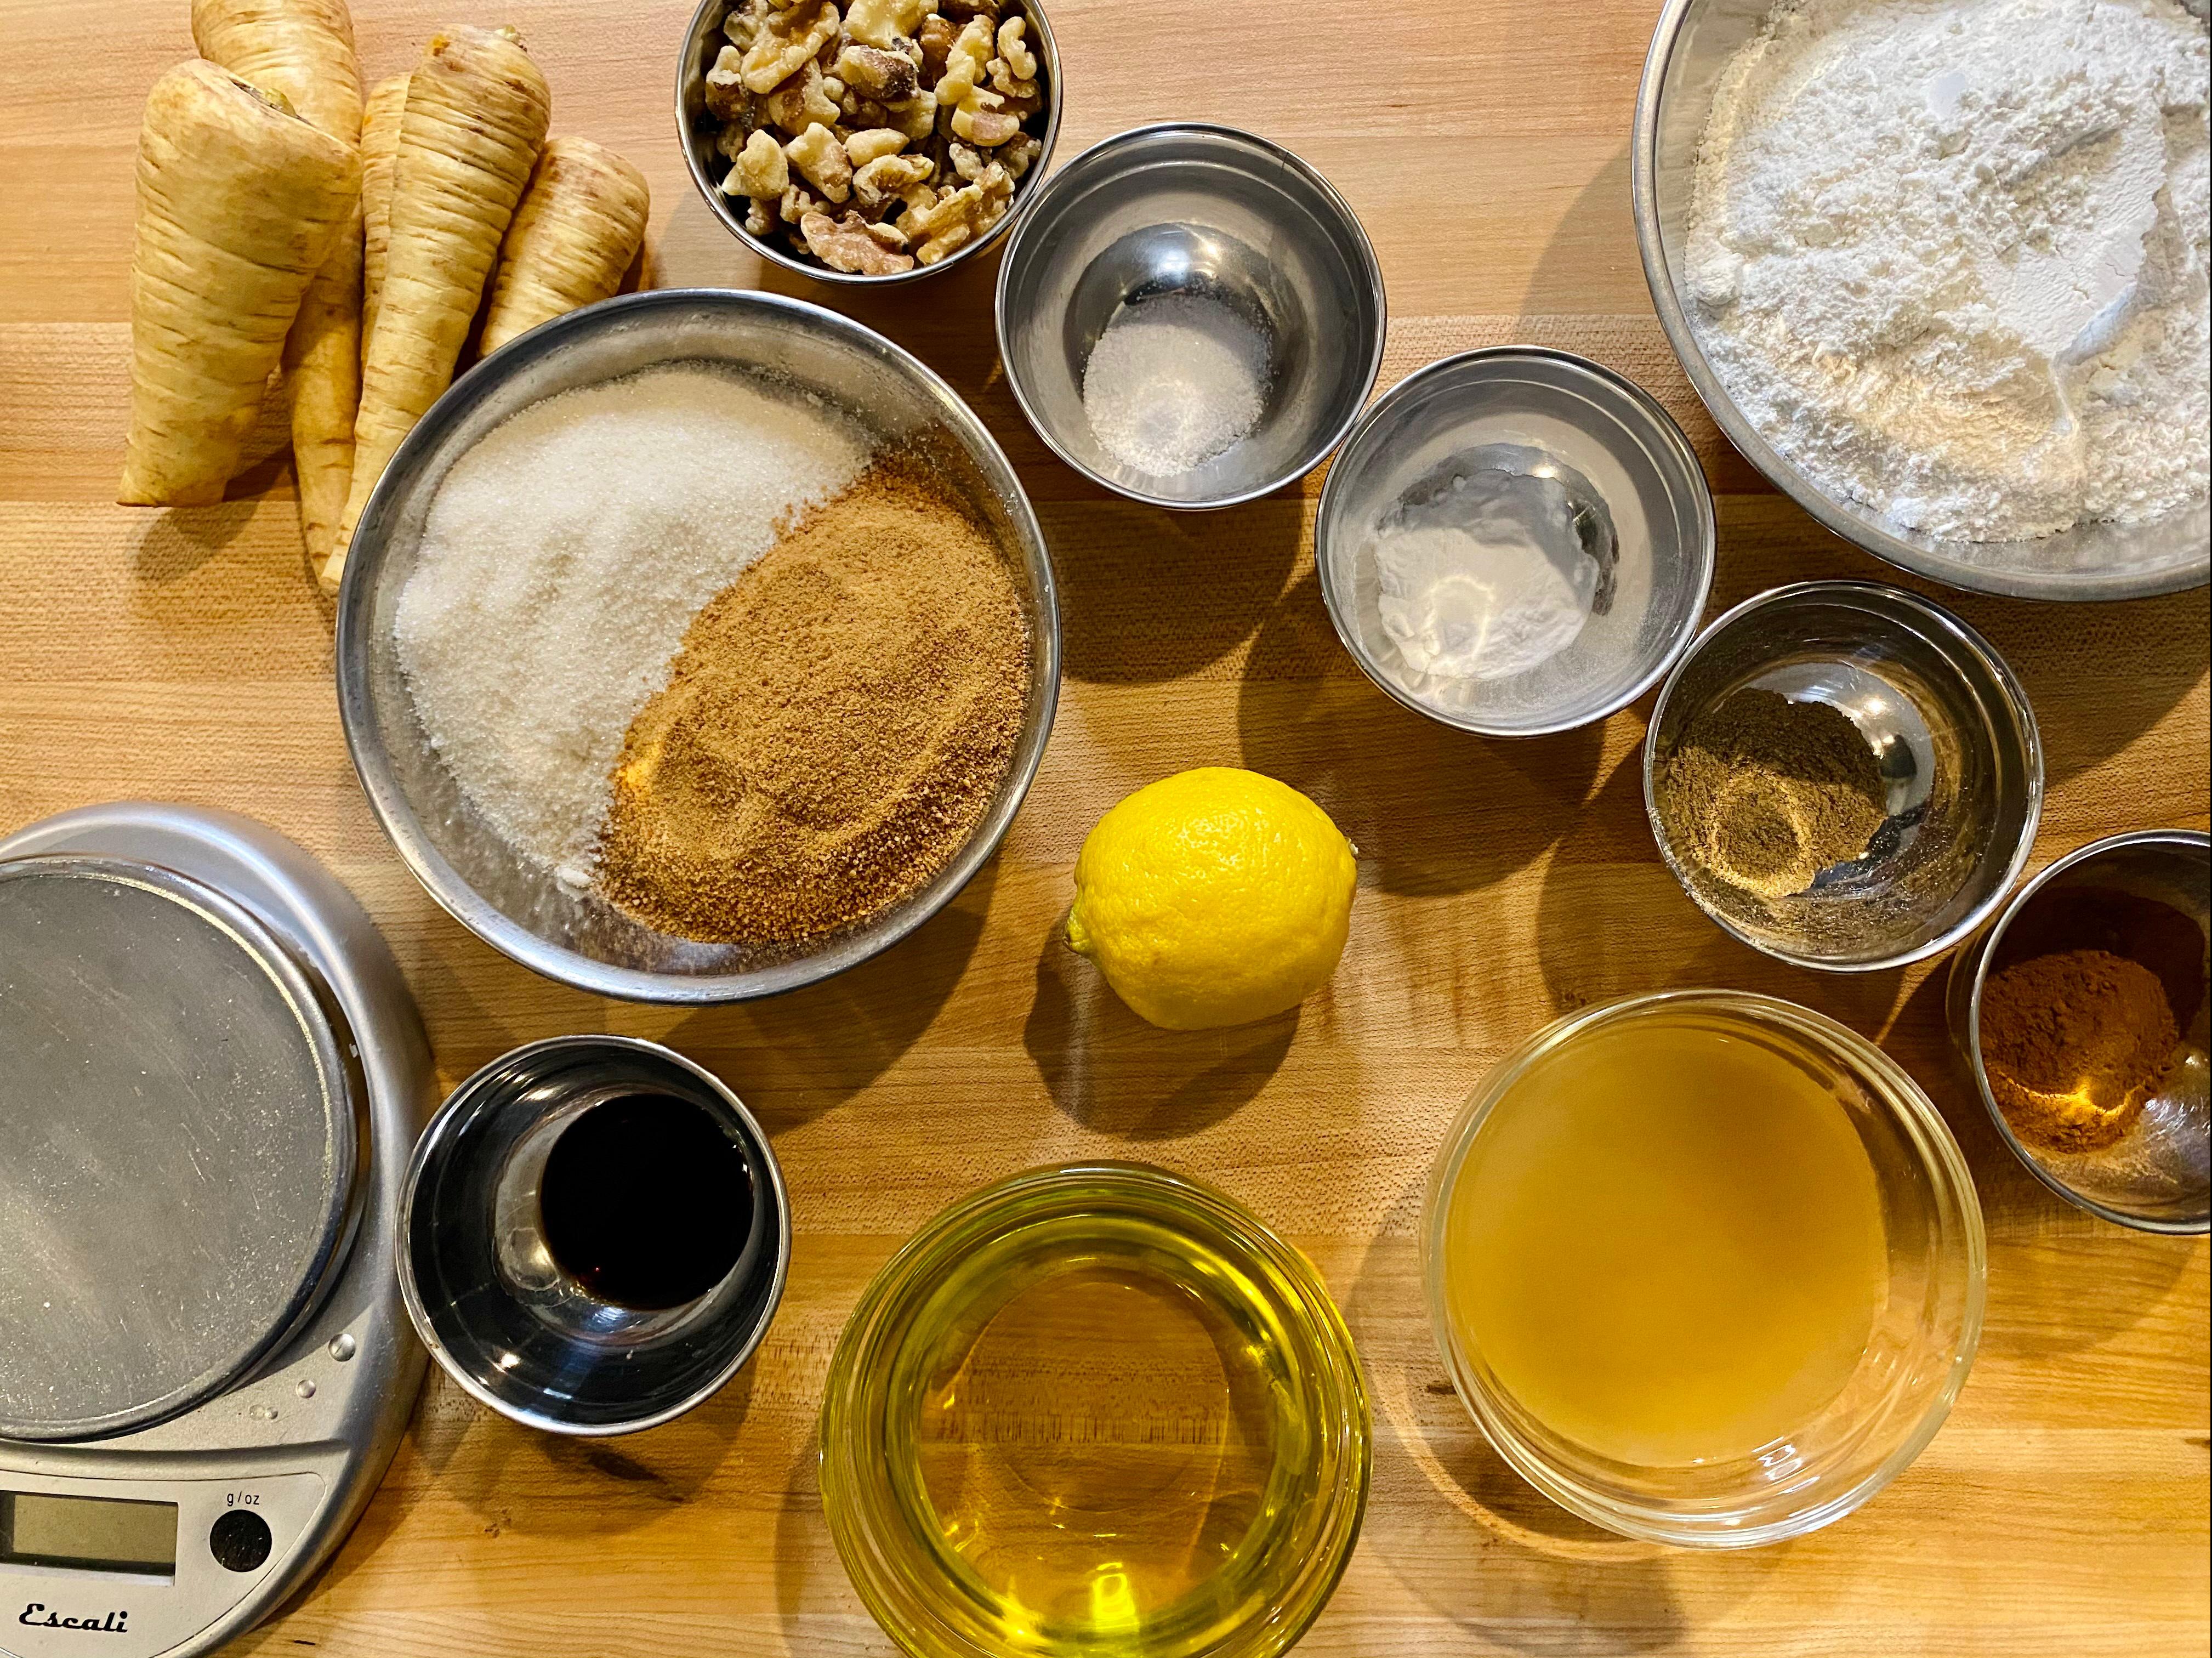 Ingredients for Gluten-free Parsnip Walnut Cake